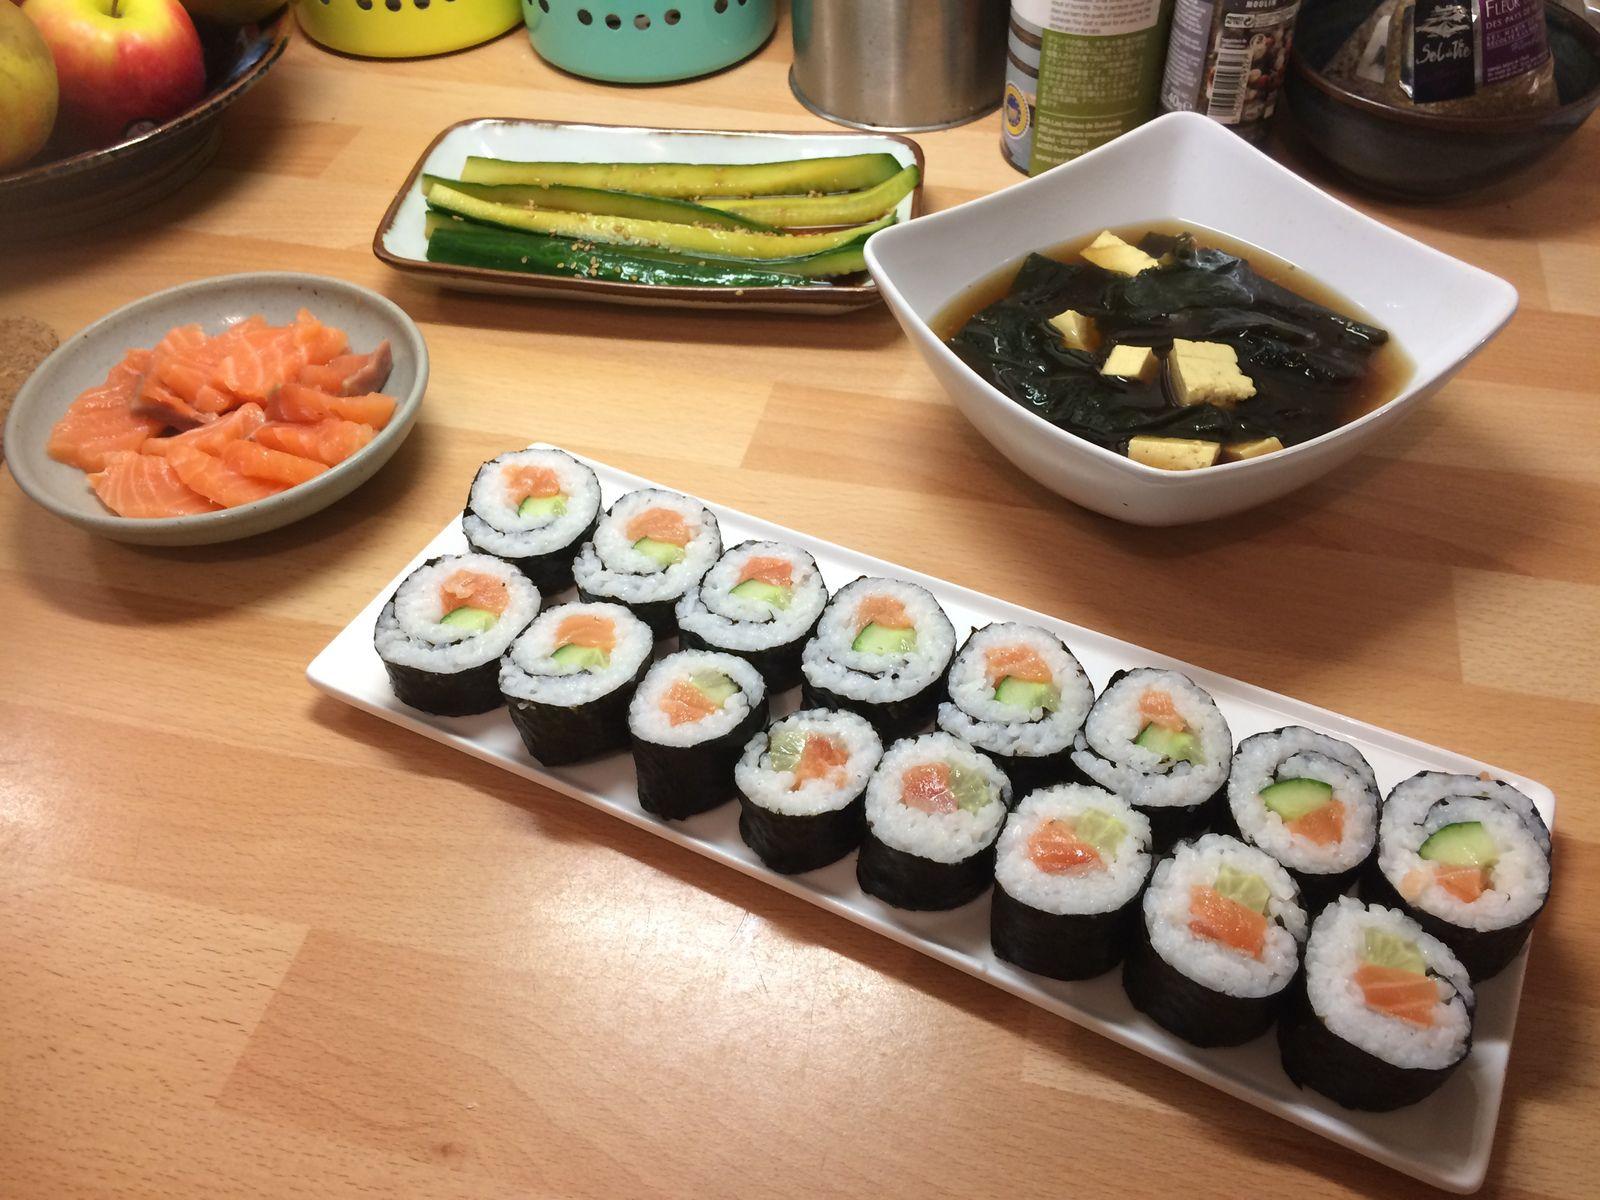 Ce soir j'ai fait un des repas préférés de ma fille adolescente, un repas japonais : sushis et soupe miso - des makis en réalité, les sushis étant les pièces sans algues nori, avec juste du riz et du poisson cru dessus.